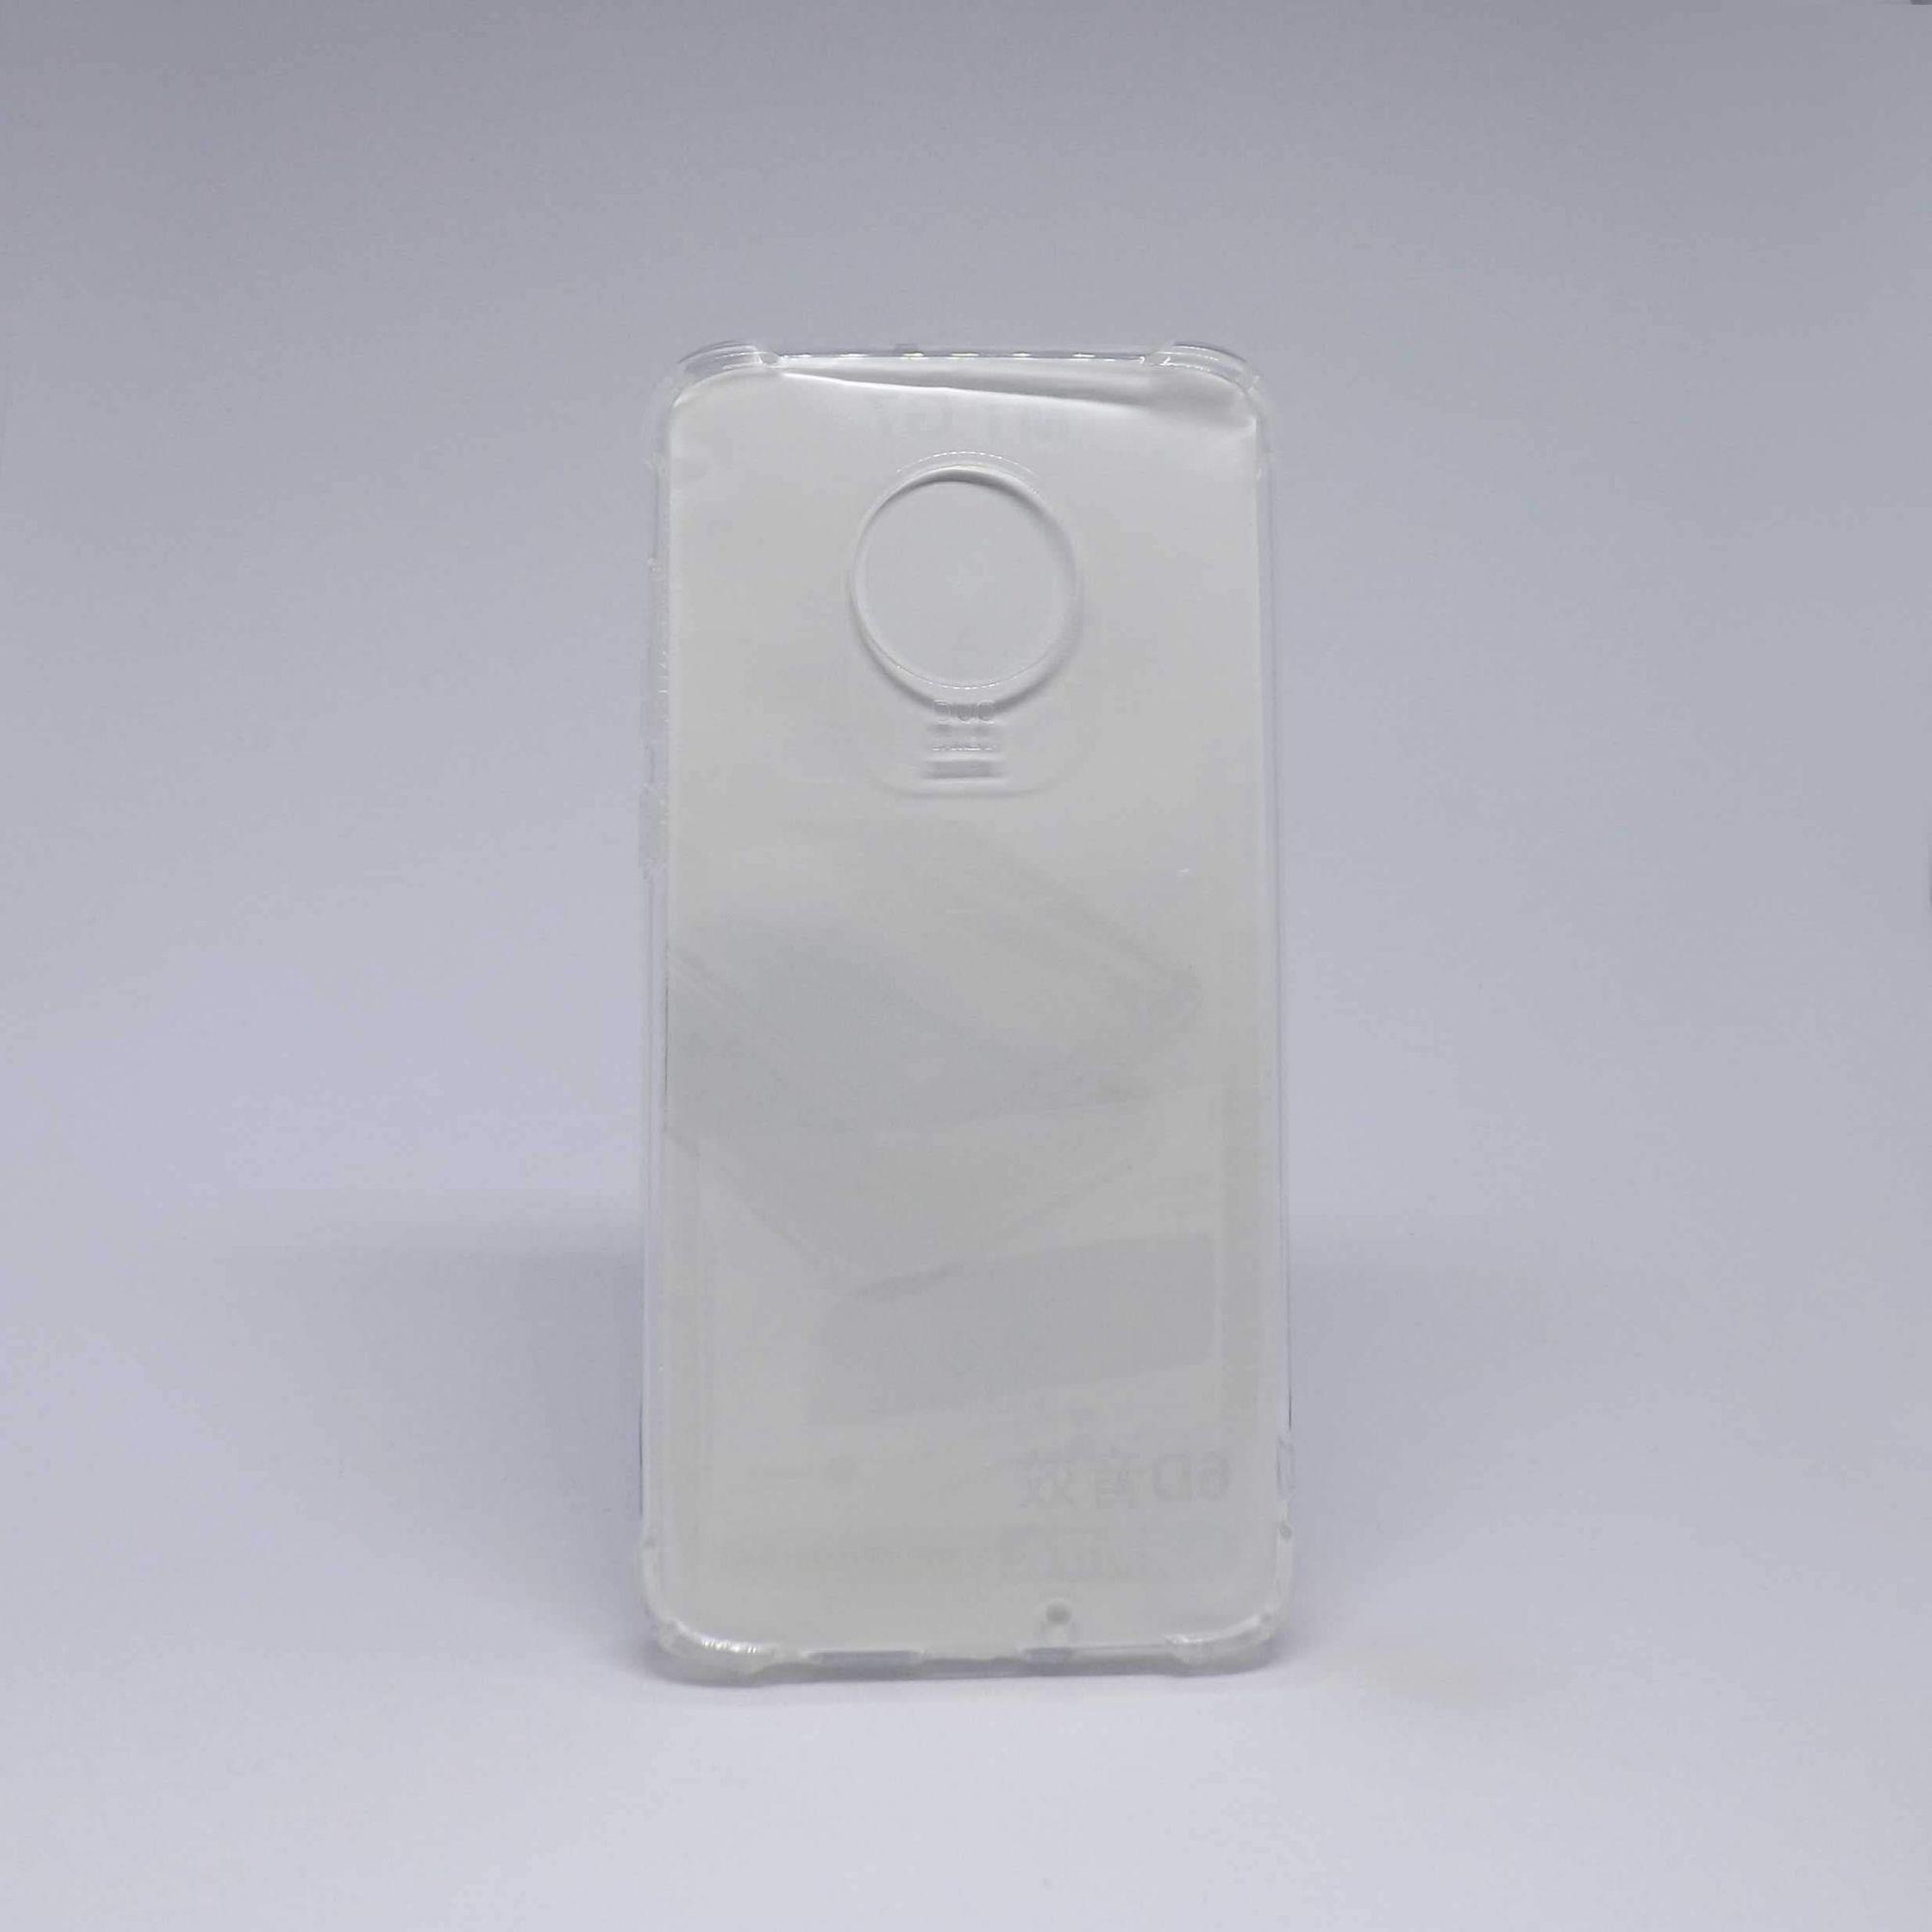 Capa Moto  G7/G7 Plus Transparente